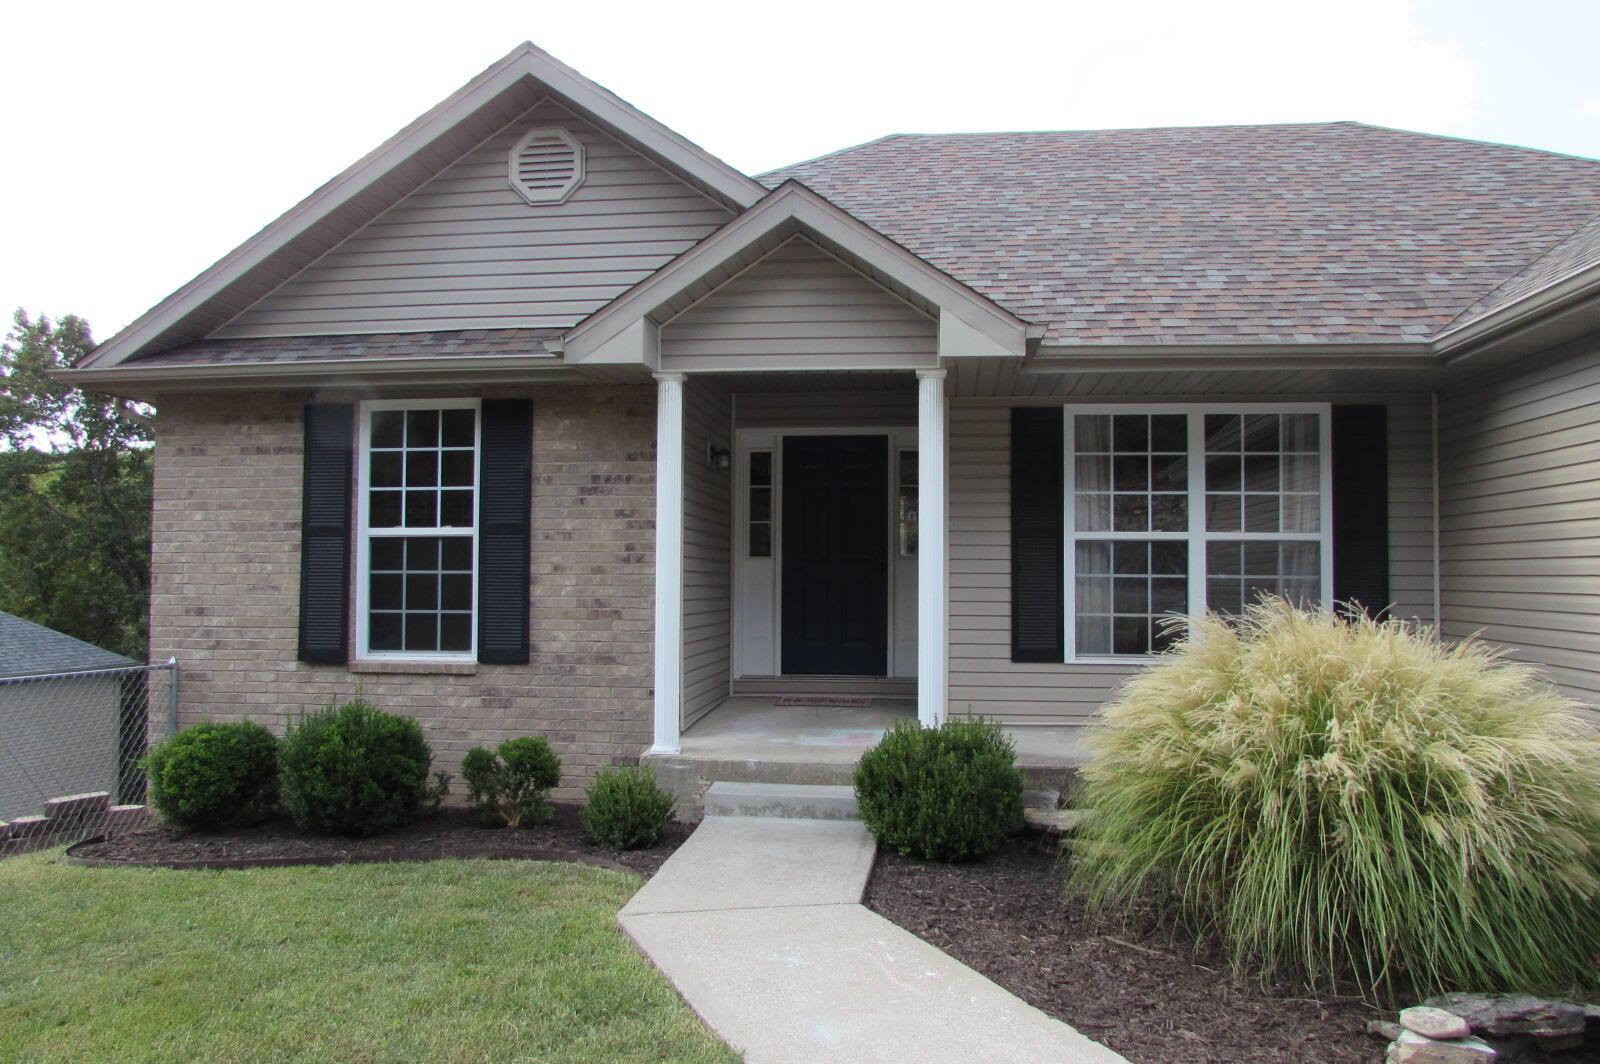 1622 Sycamore Church Road, Branson, Missouri 65616